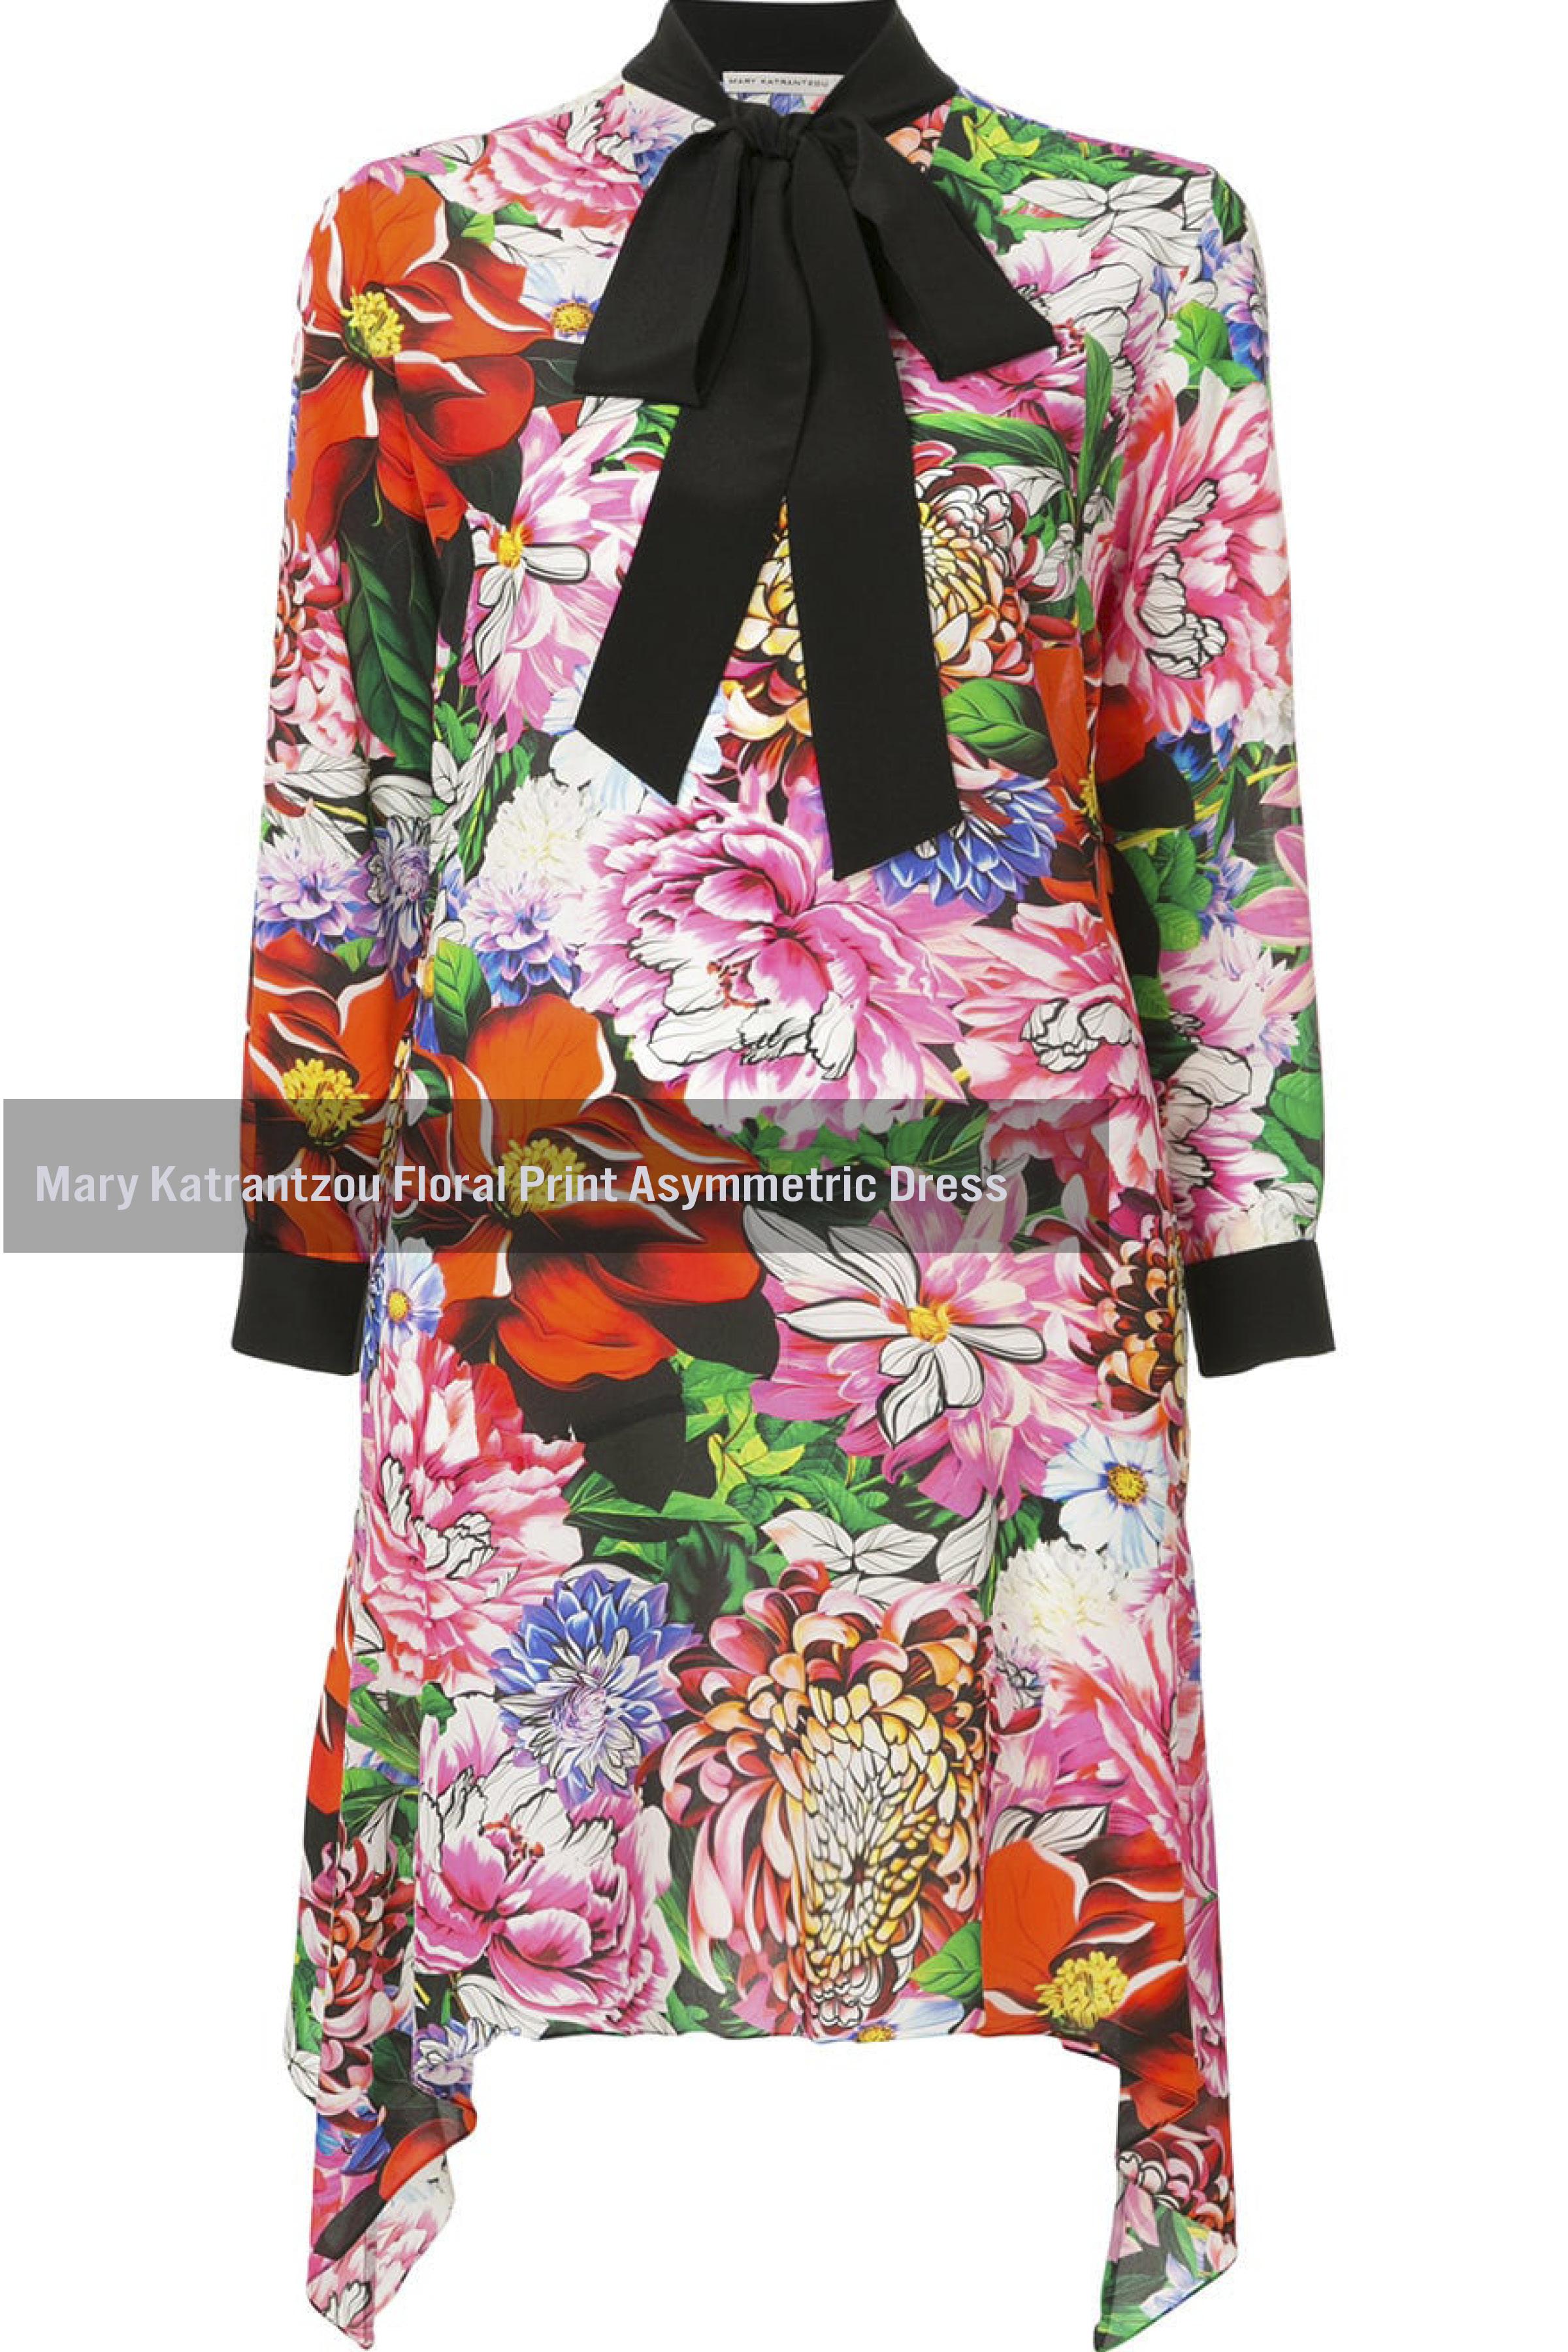 Mary Katrantzou Floral Print Asymmetric Dress